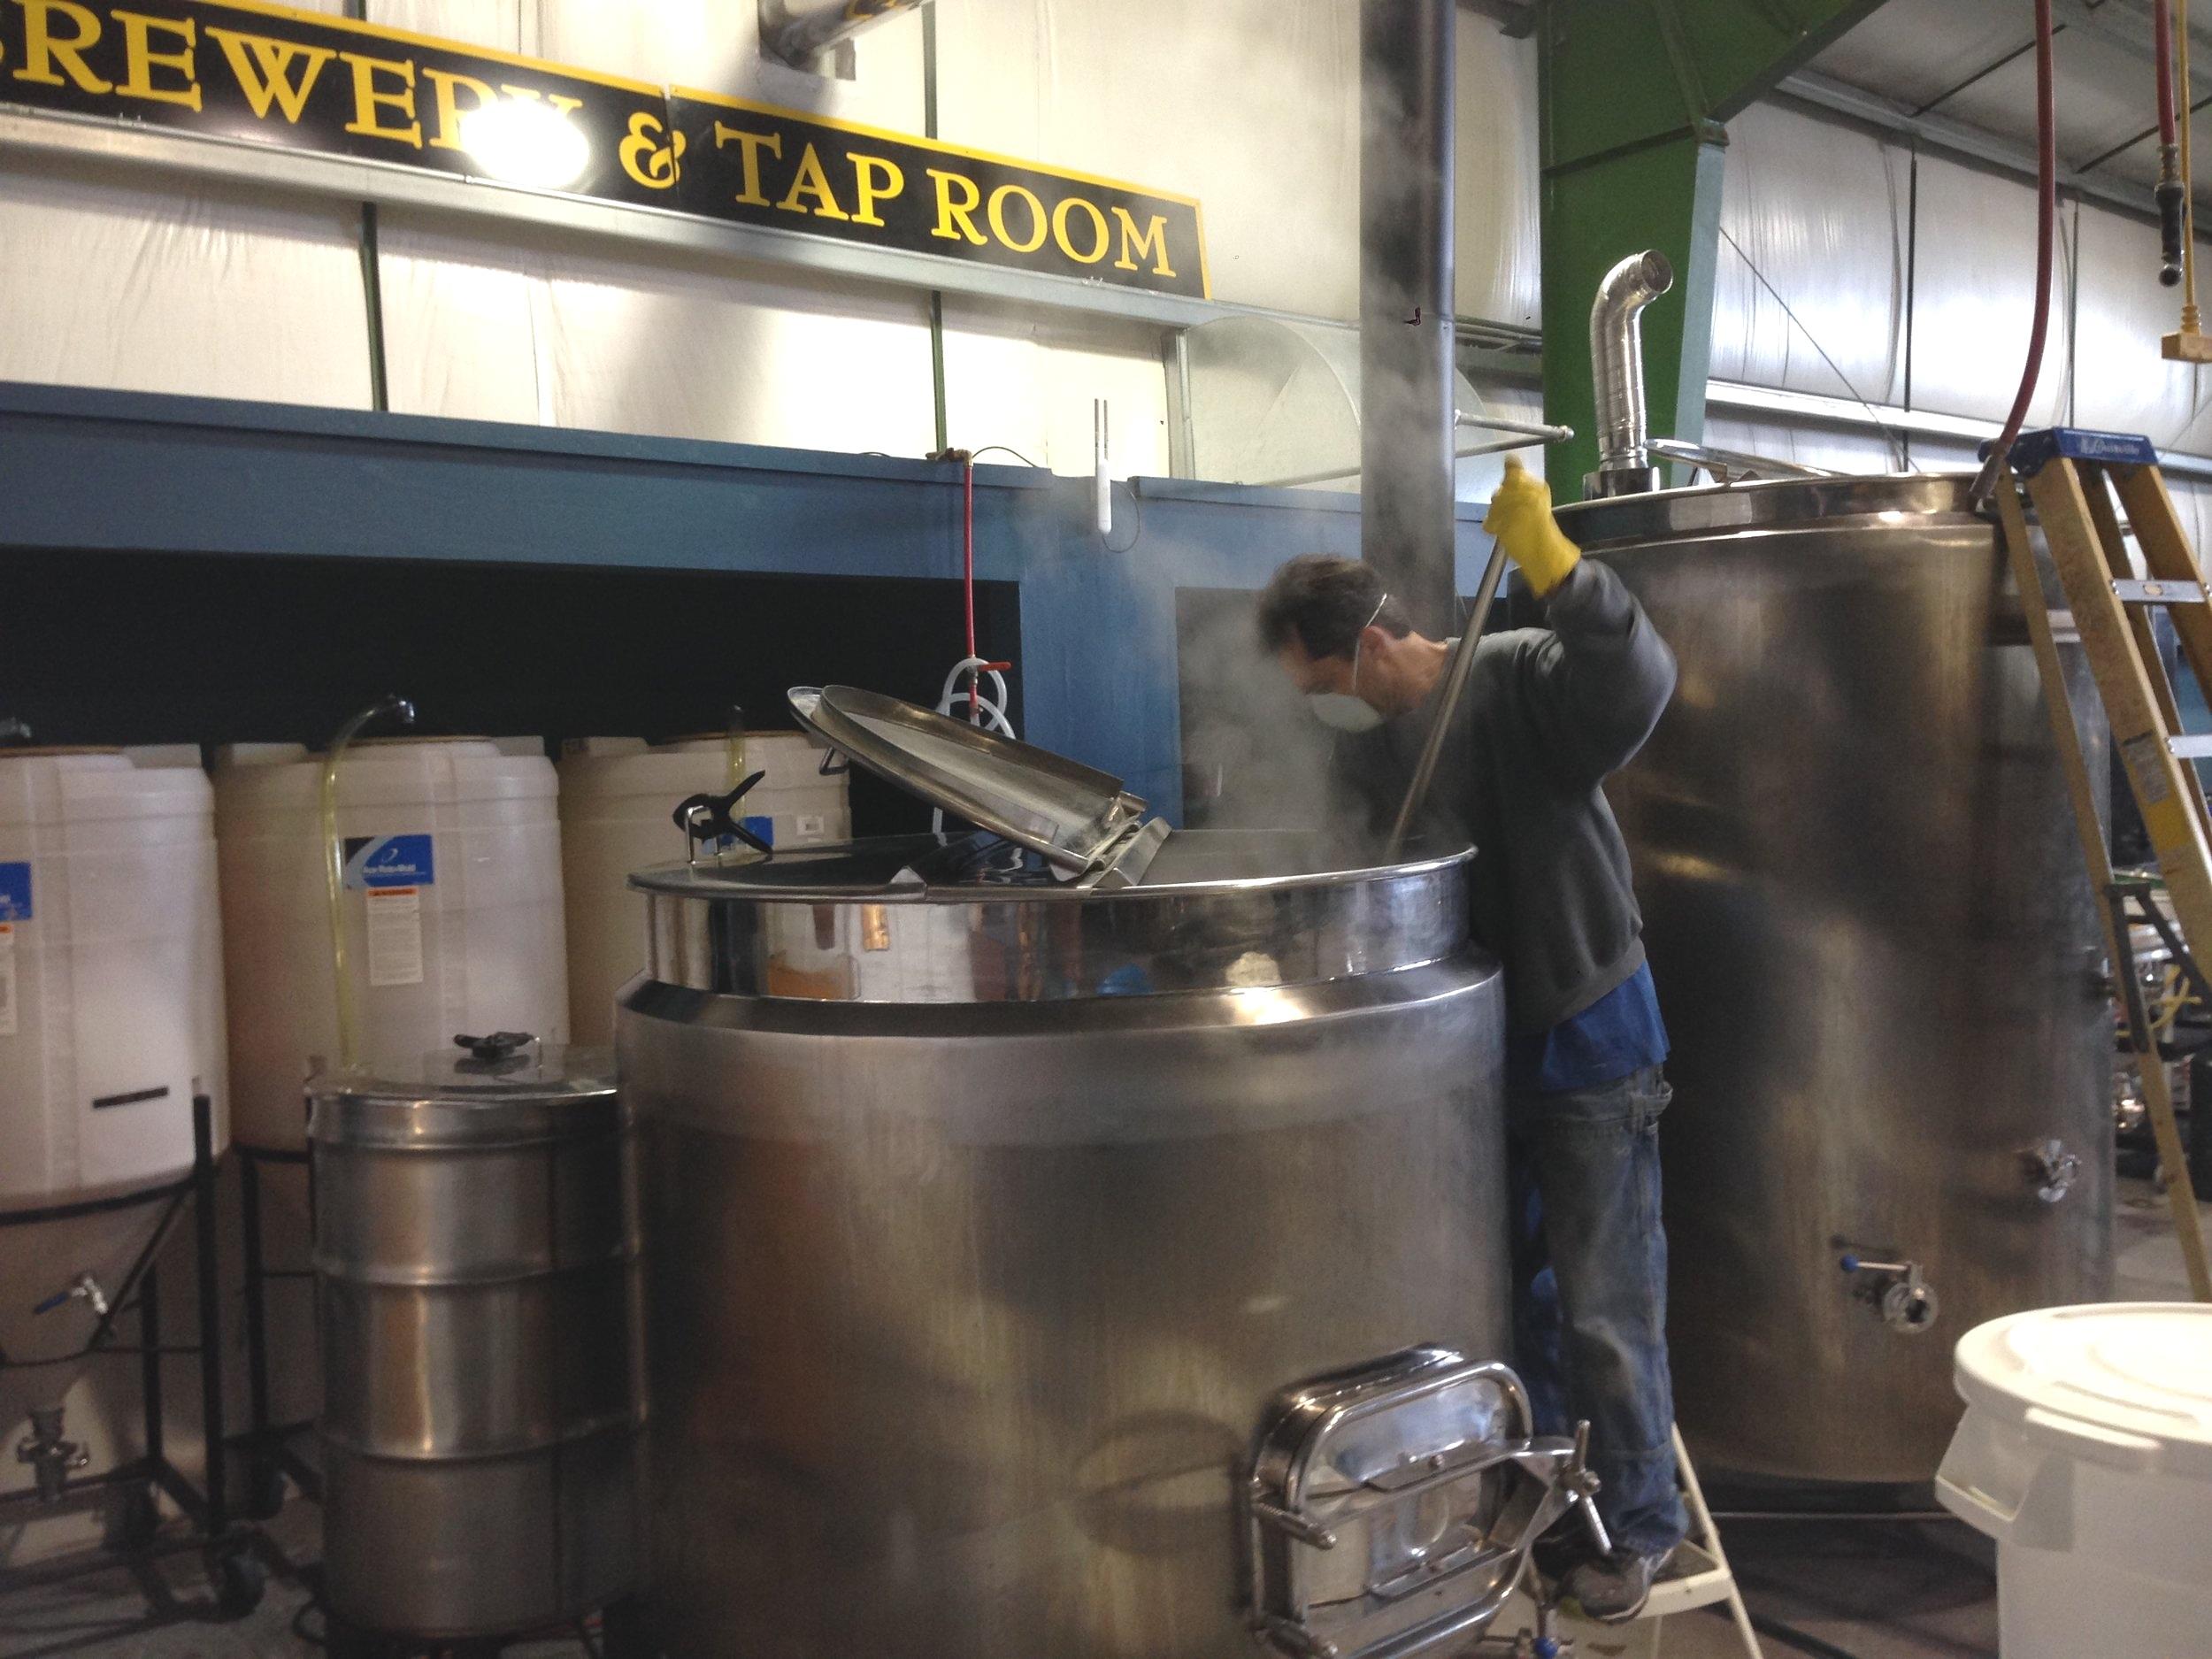 Image courtesy Chetco Brewing